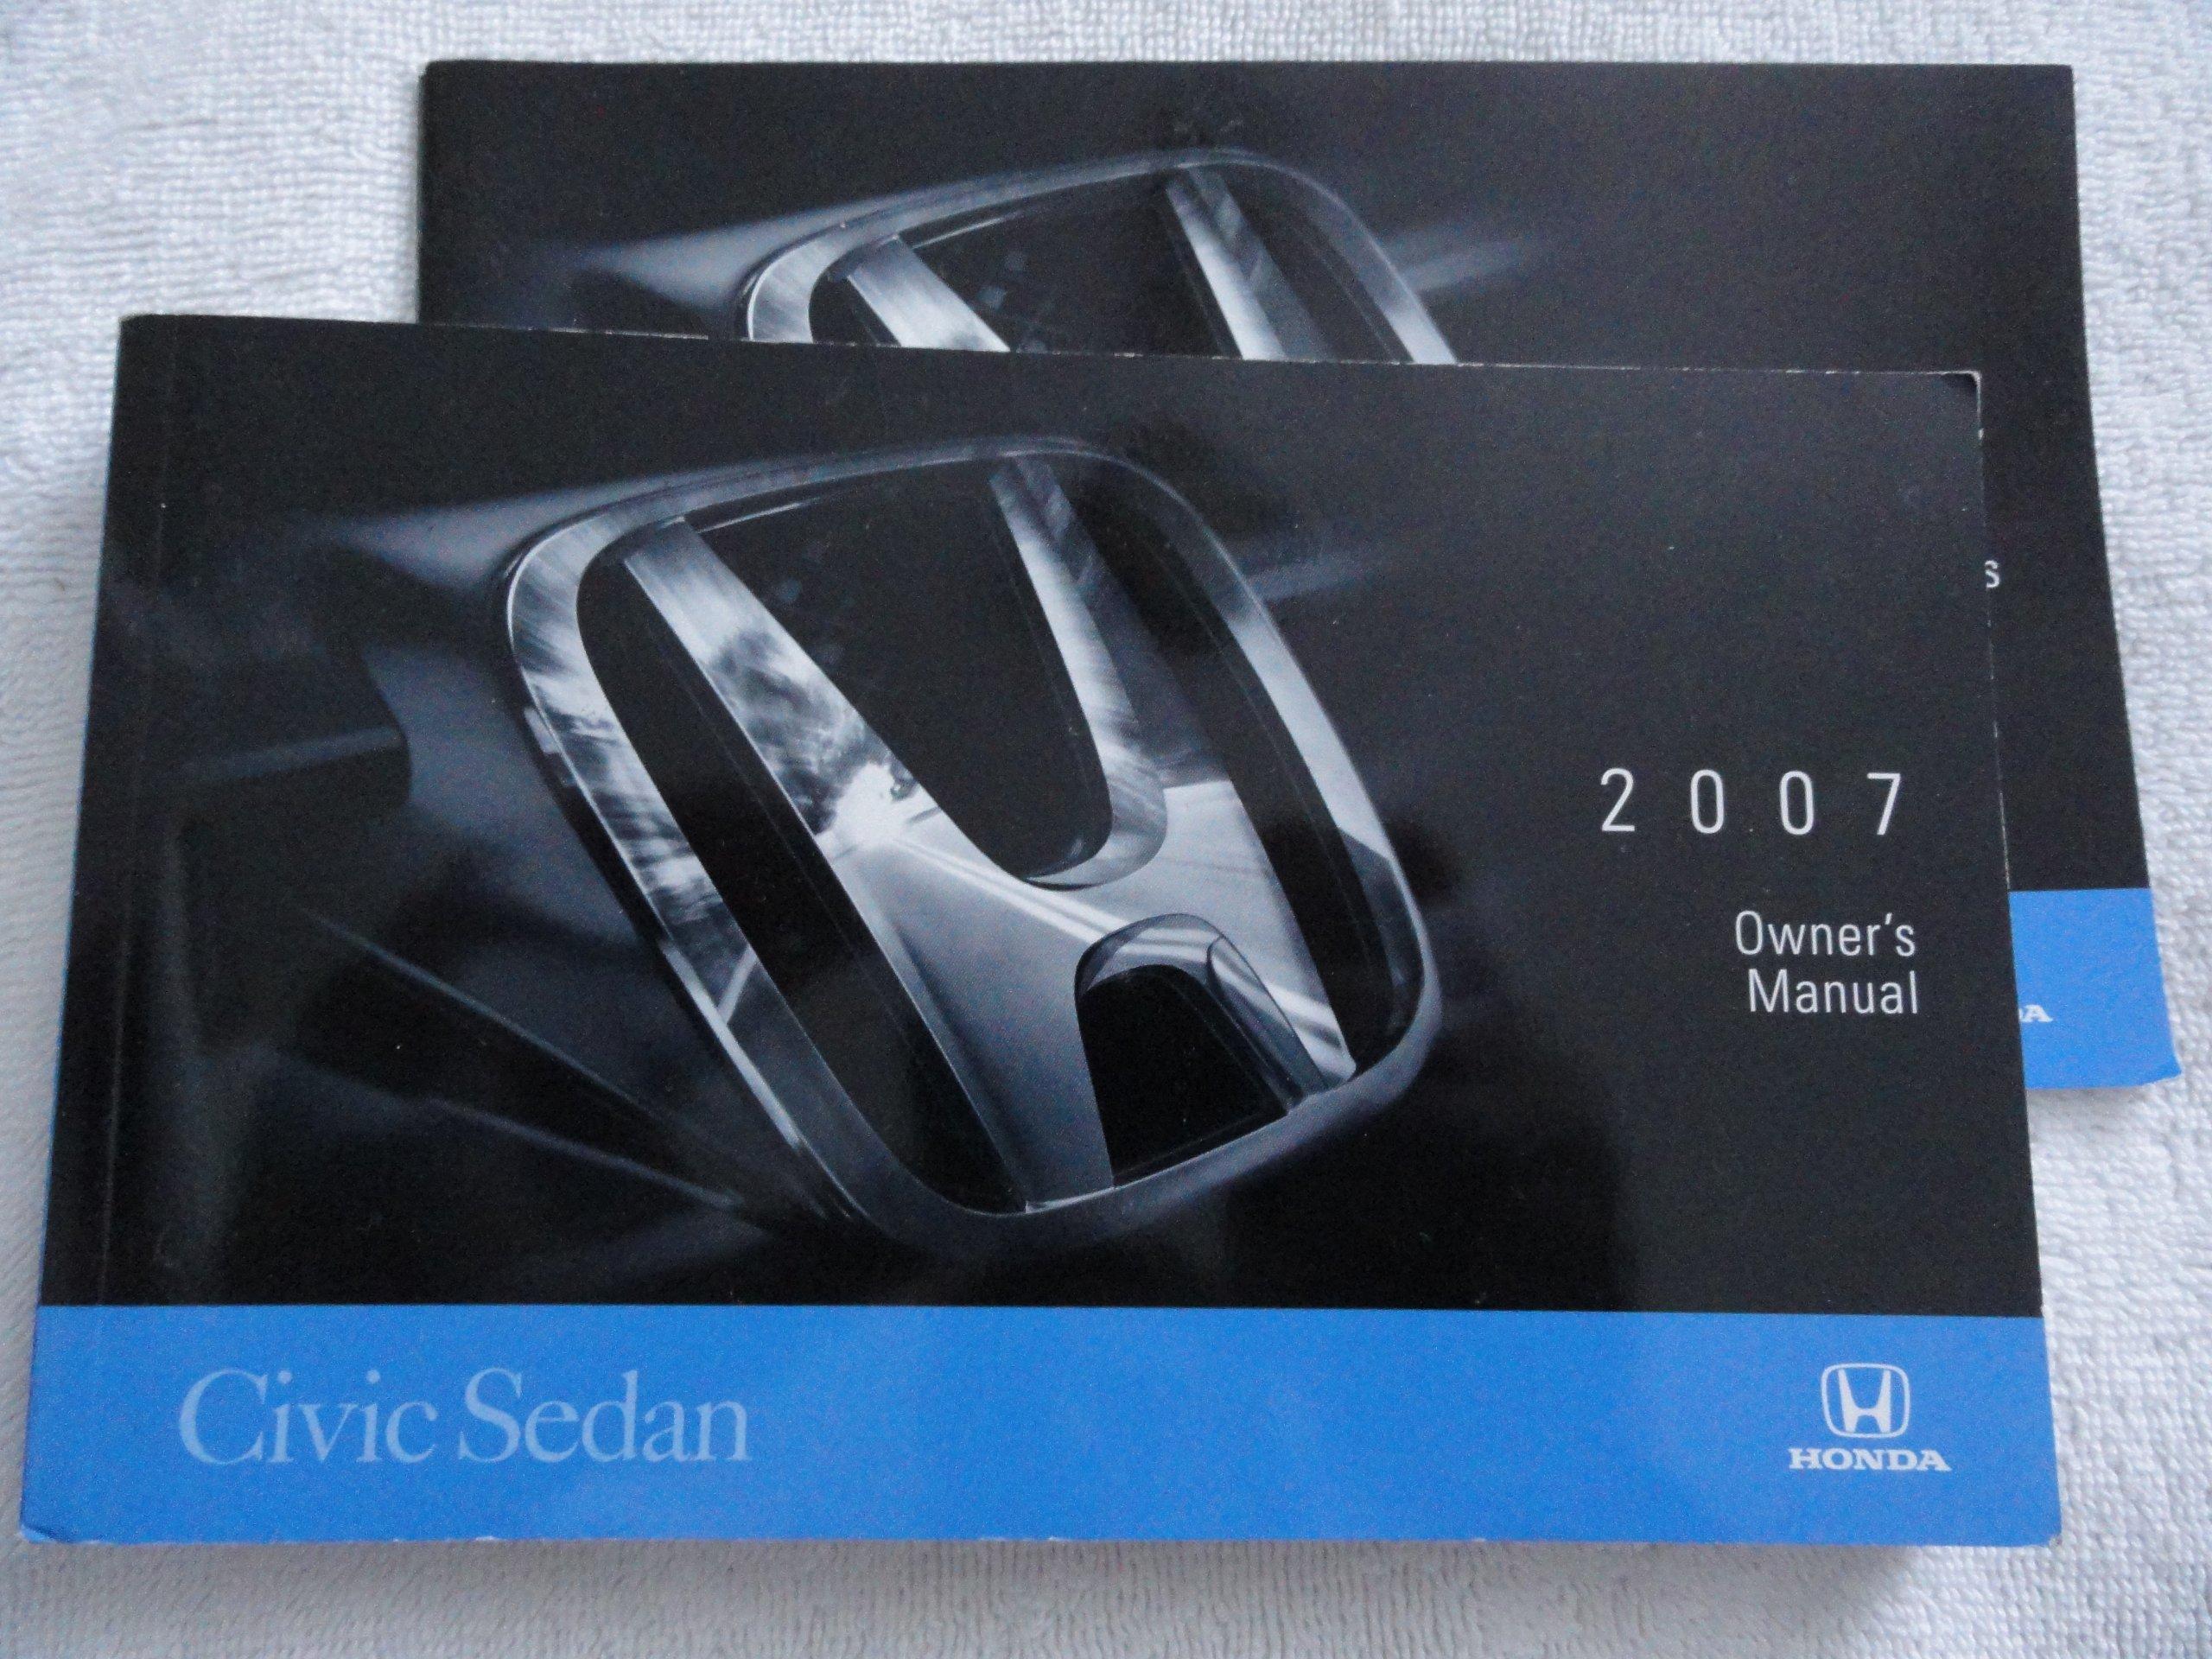 2007 honda civic sedan owners manual honda amazon com books rh amazon com 2007 honda civic ex owners manual 2007 honda civic lx owners manual pdf